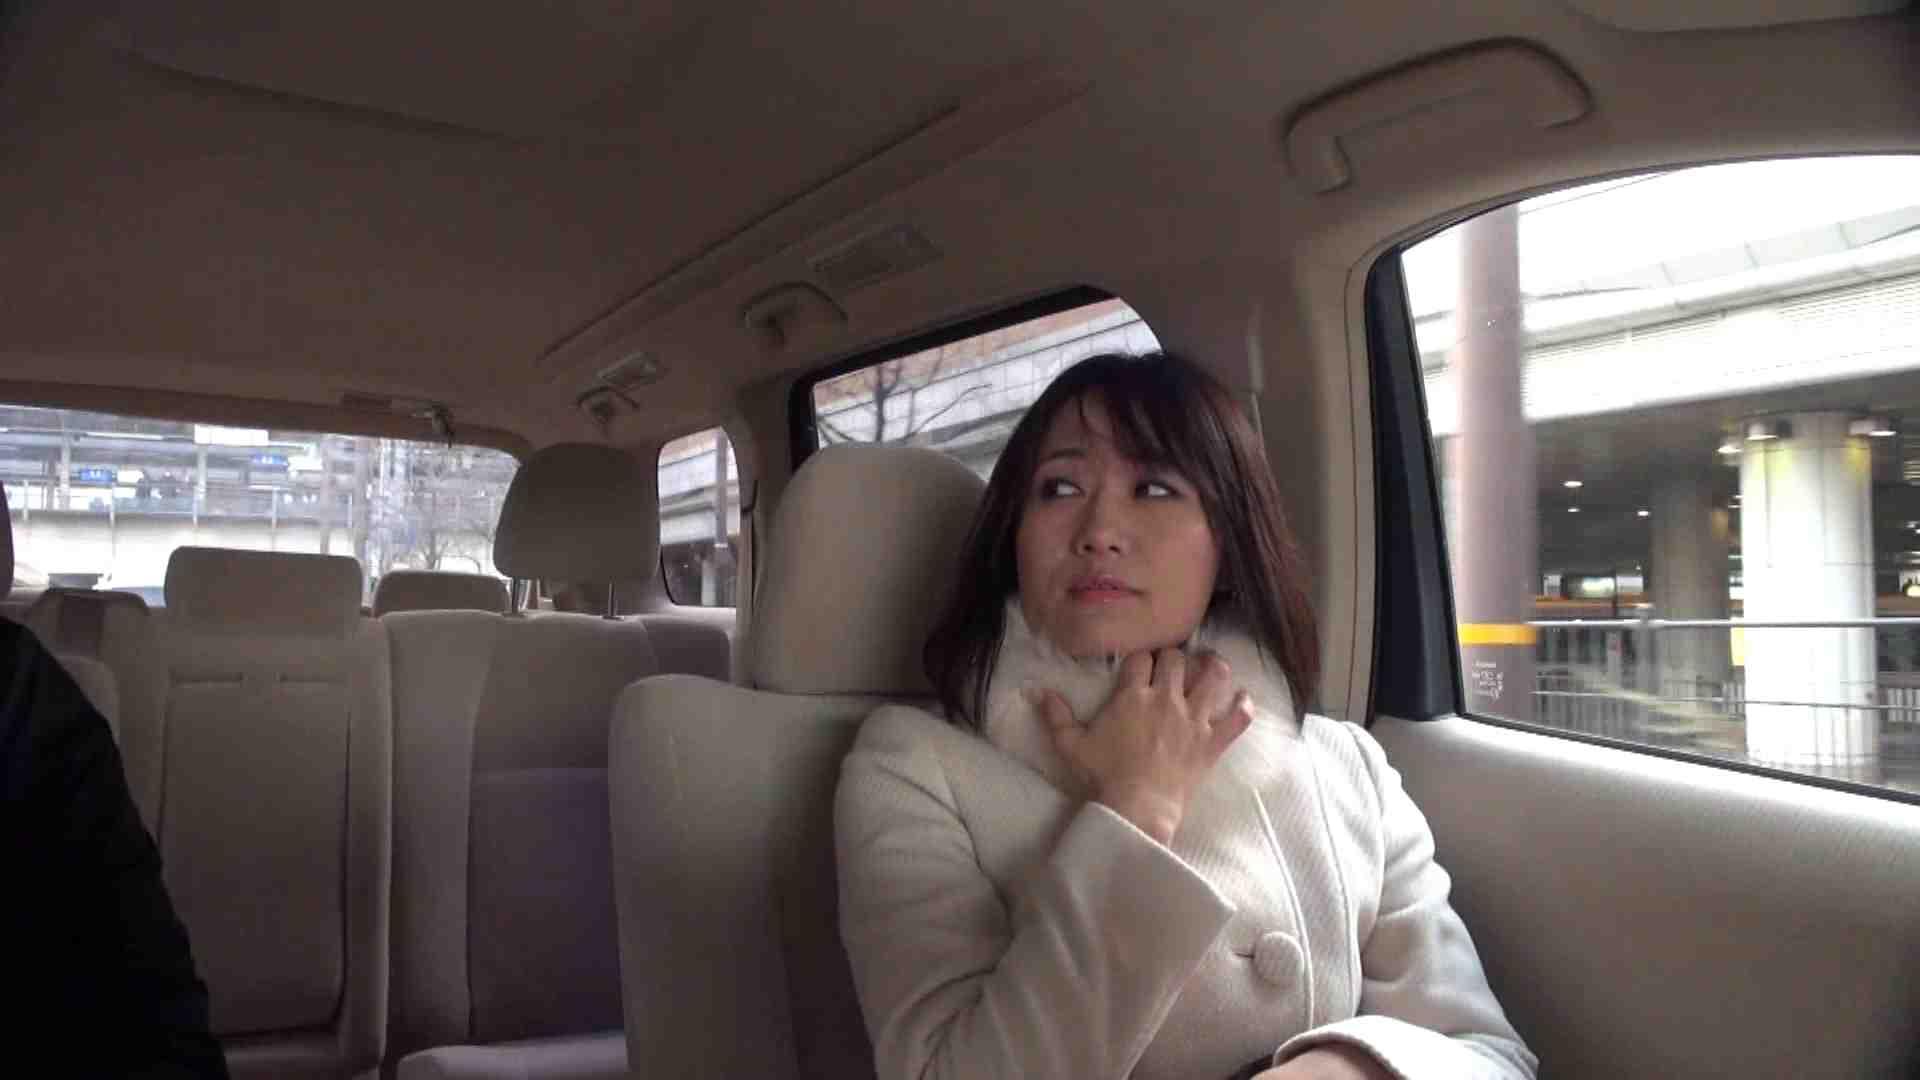 松浦さとみ 36歳 あなたごめんなさい…淫ら妻の日帰り情事。VOL.01 メーカー直接買い取り  90pic 65